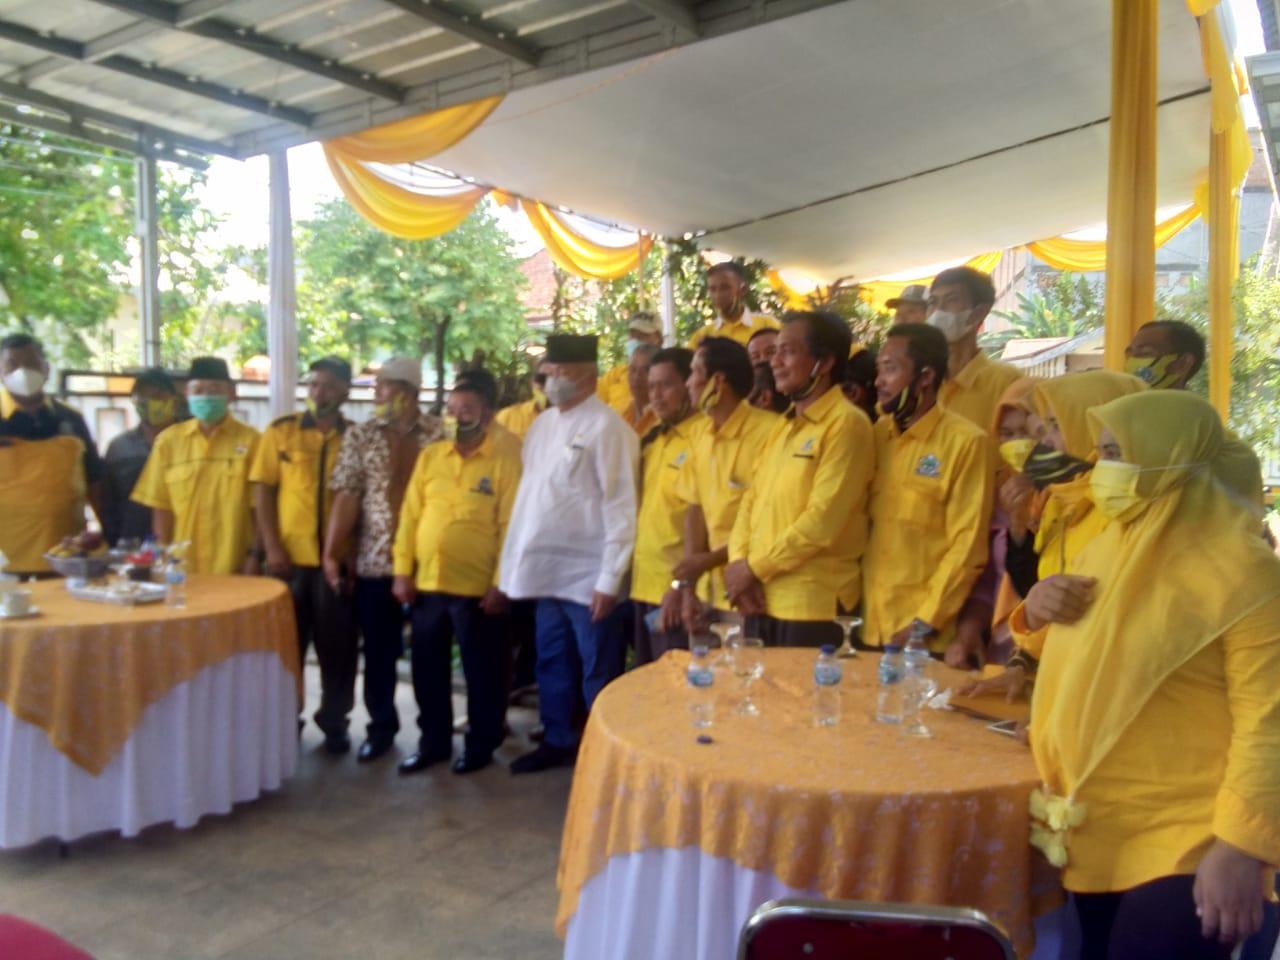 Penggunaan Sumur Bor dan Lampu Penerangan di Lahat Diresmikan Anggota DPR RI H. Alex Noerdin